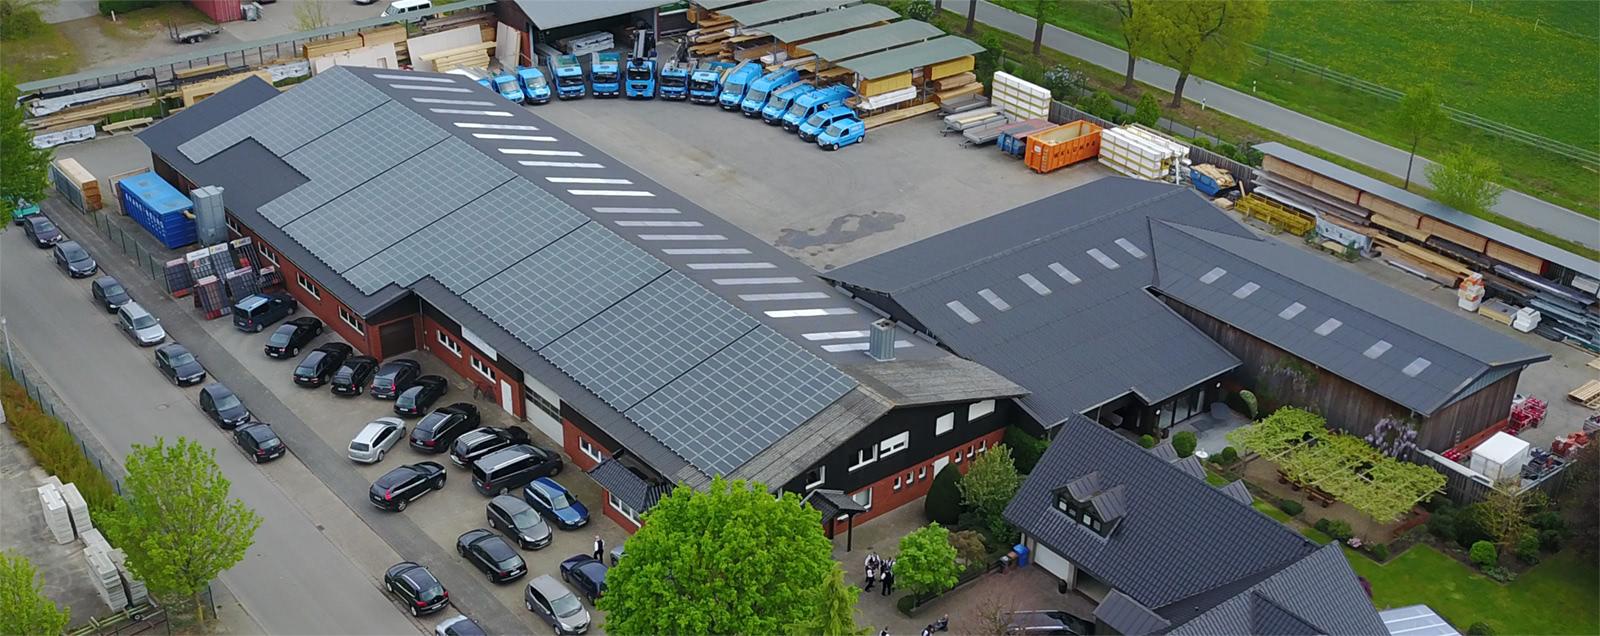 HOLZBAU DWENGER: Essen Oldenburg - Fachbetrieb für Zimmerei- und Dachdeckerarbeiten, Sanierungen